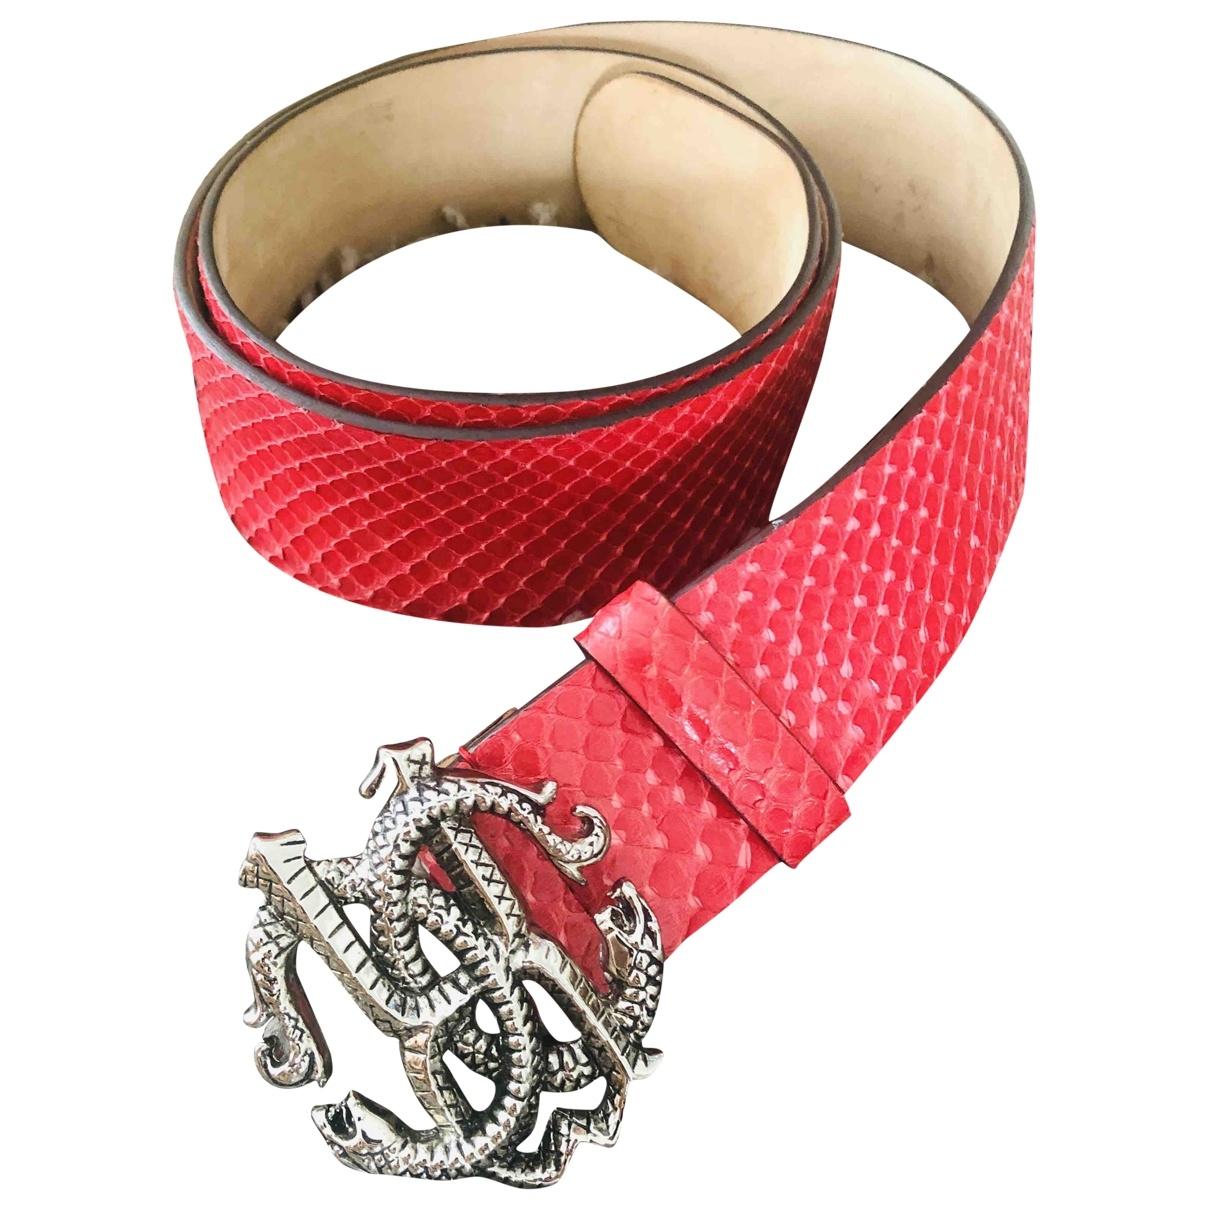 Cinturon de Cueros exoticos Roberto Cavalli